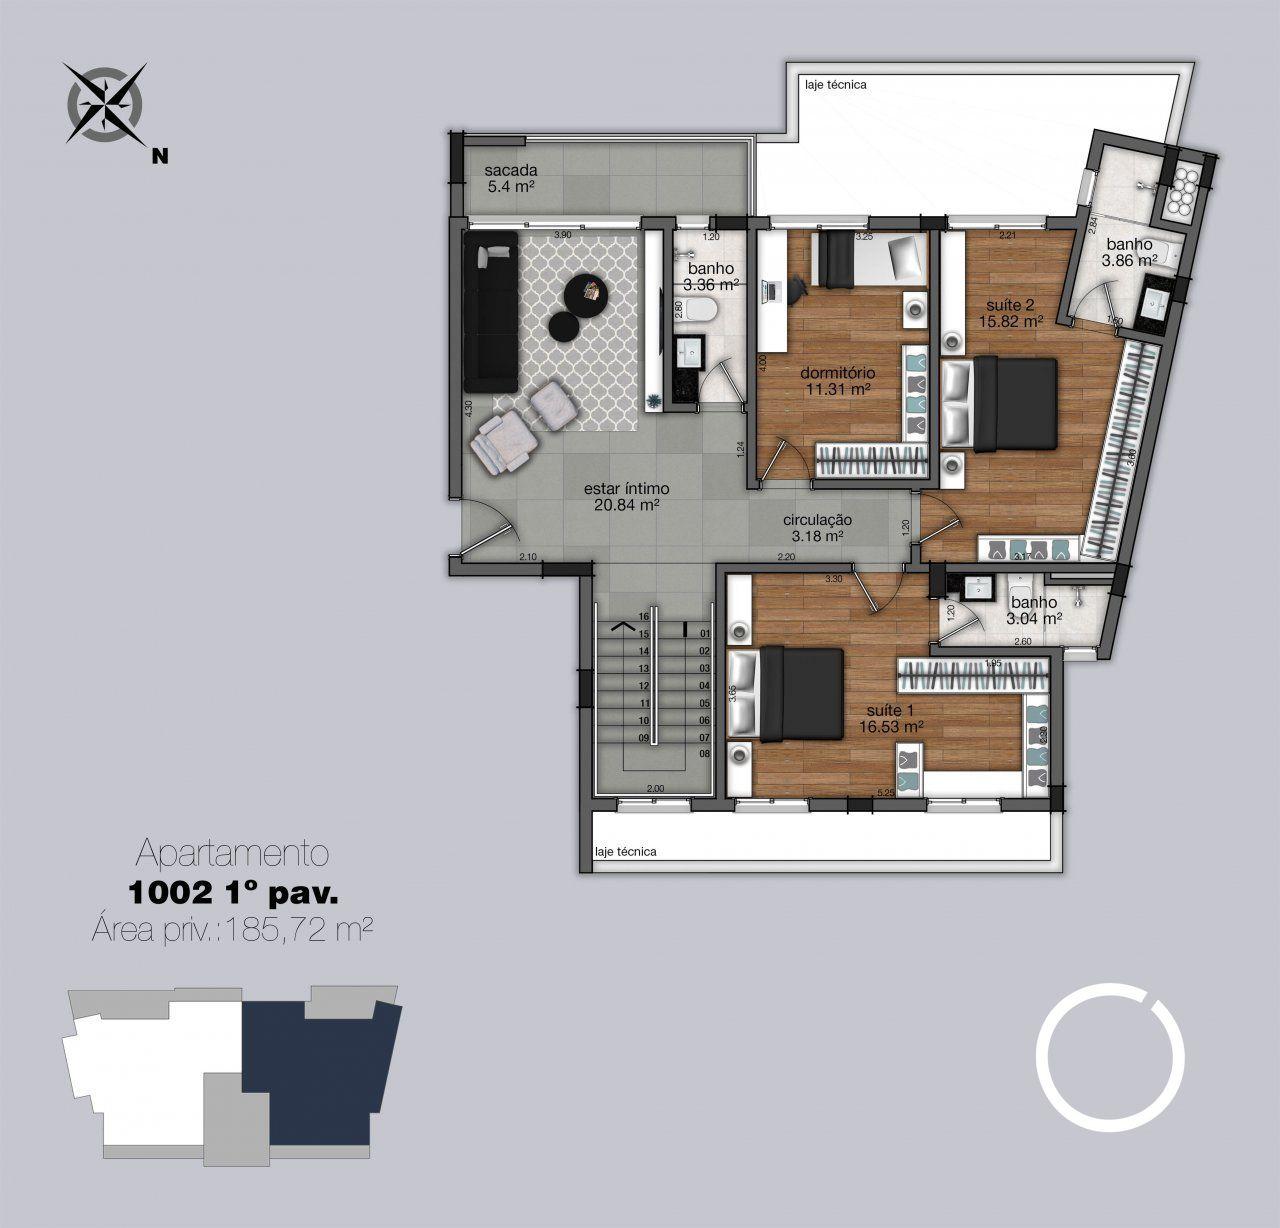 Cobertura 1002 - 1º pavimento